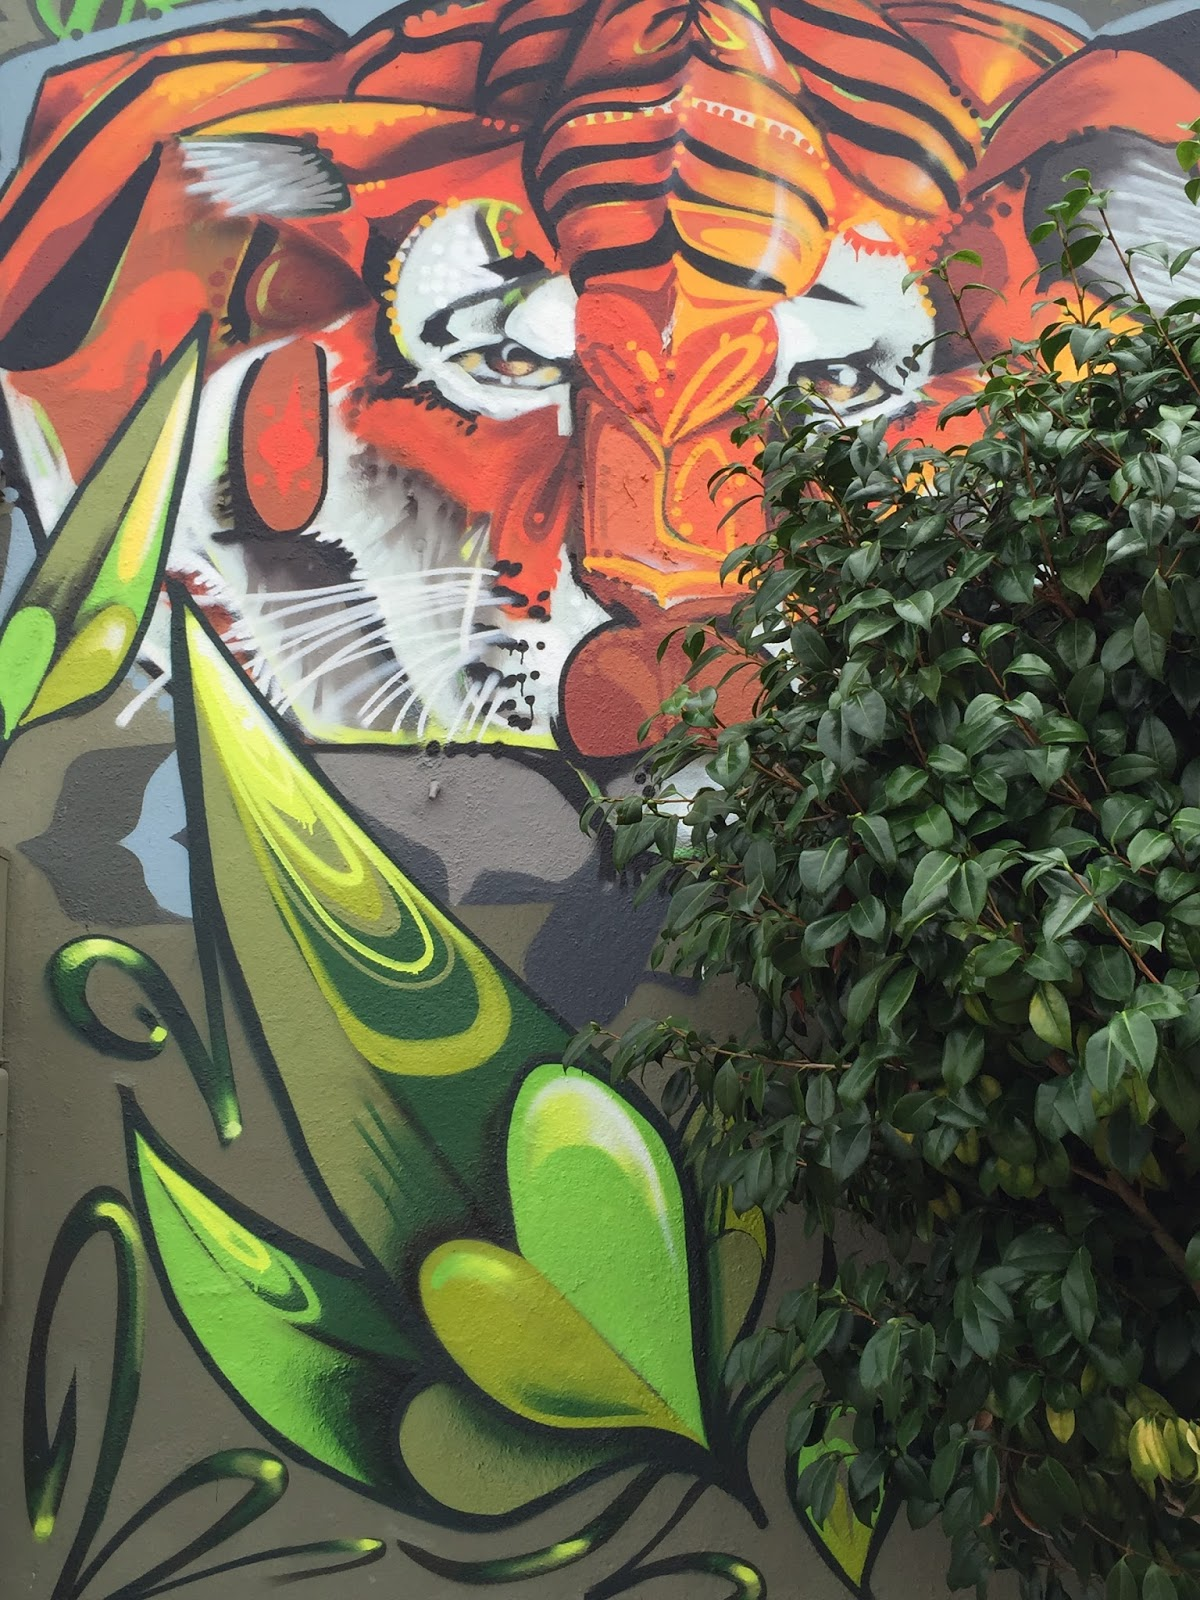 Travelmarx September Mural And Graffiti Grab Bag